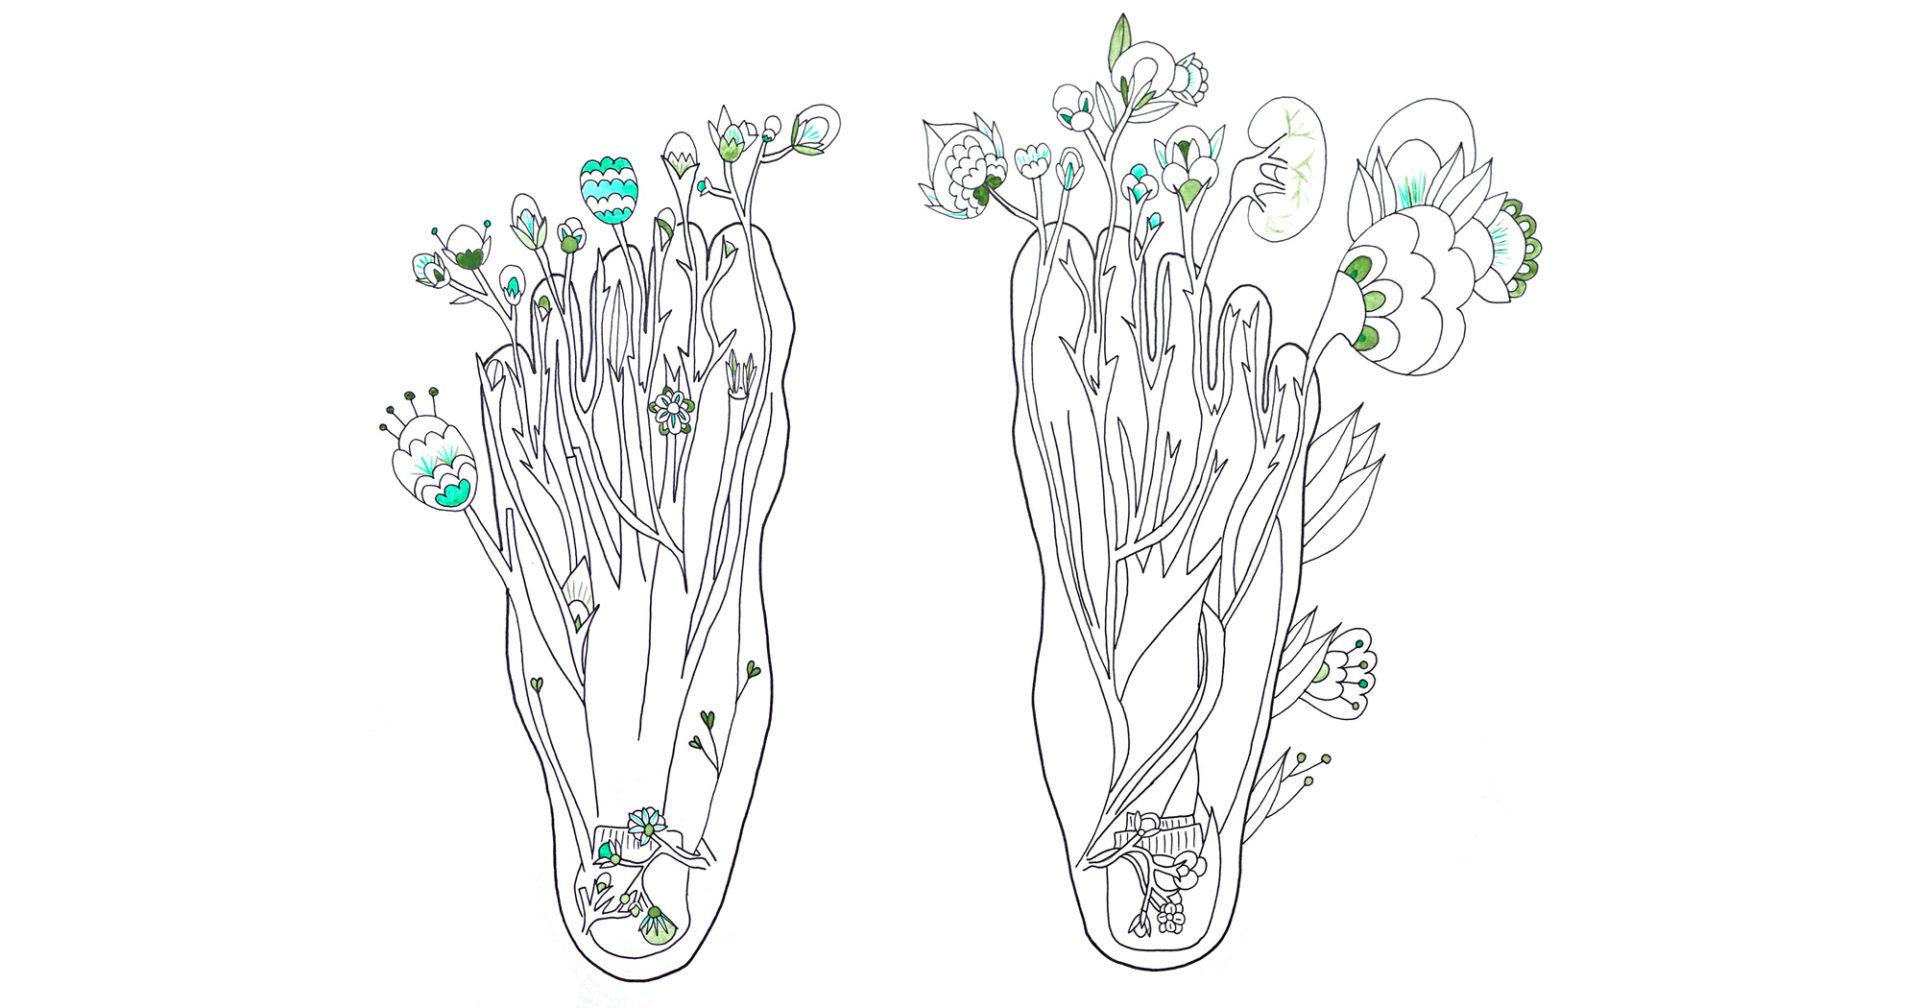 dessins pieds, herbier anatomique